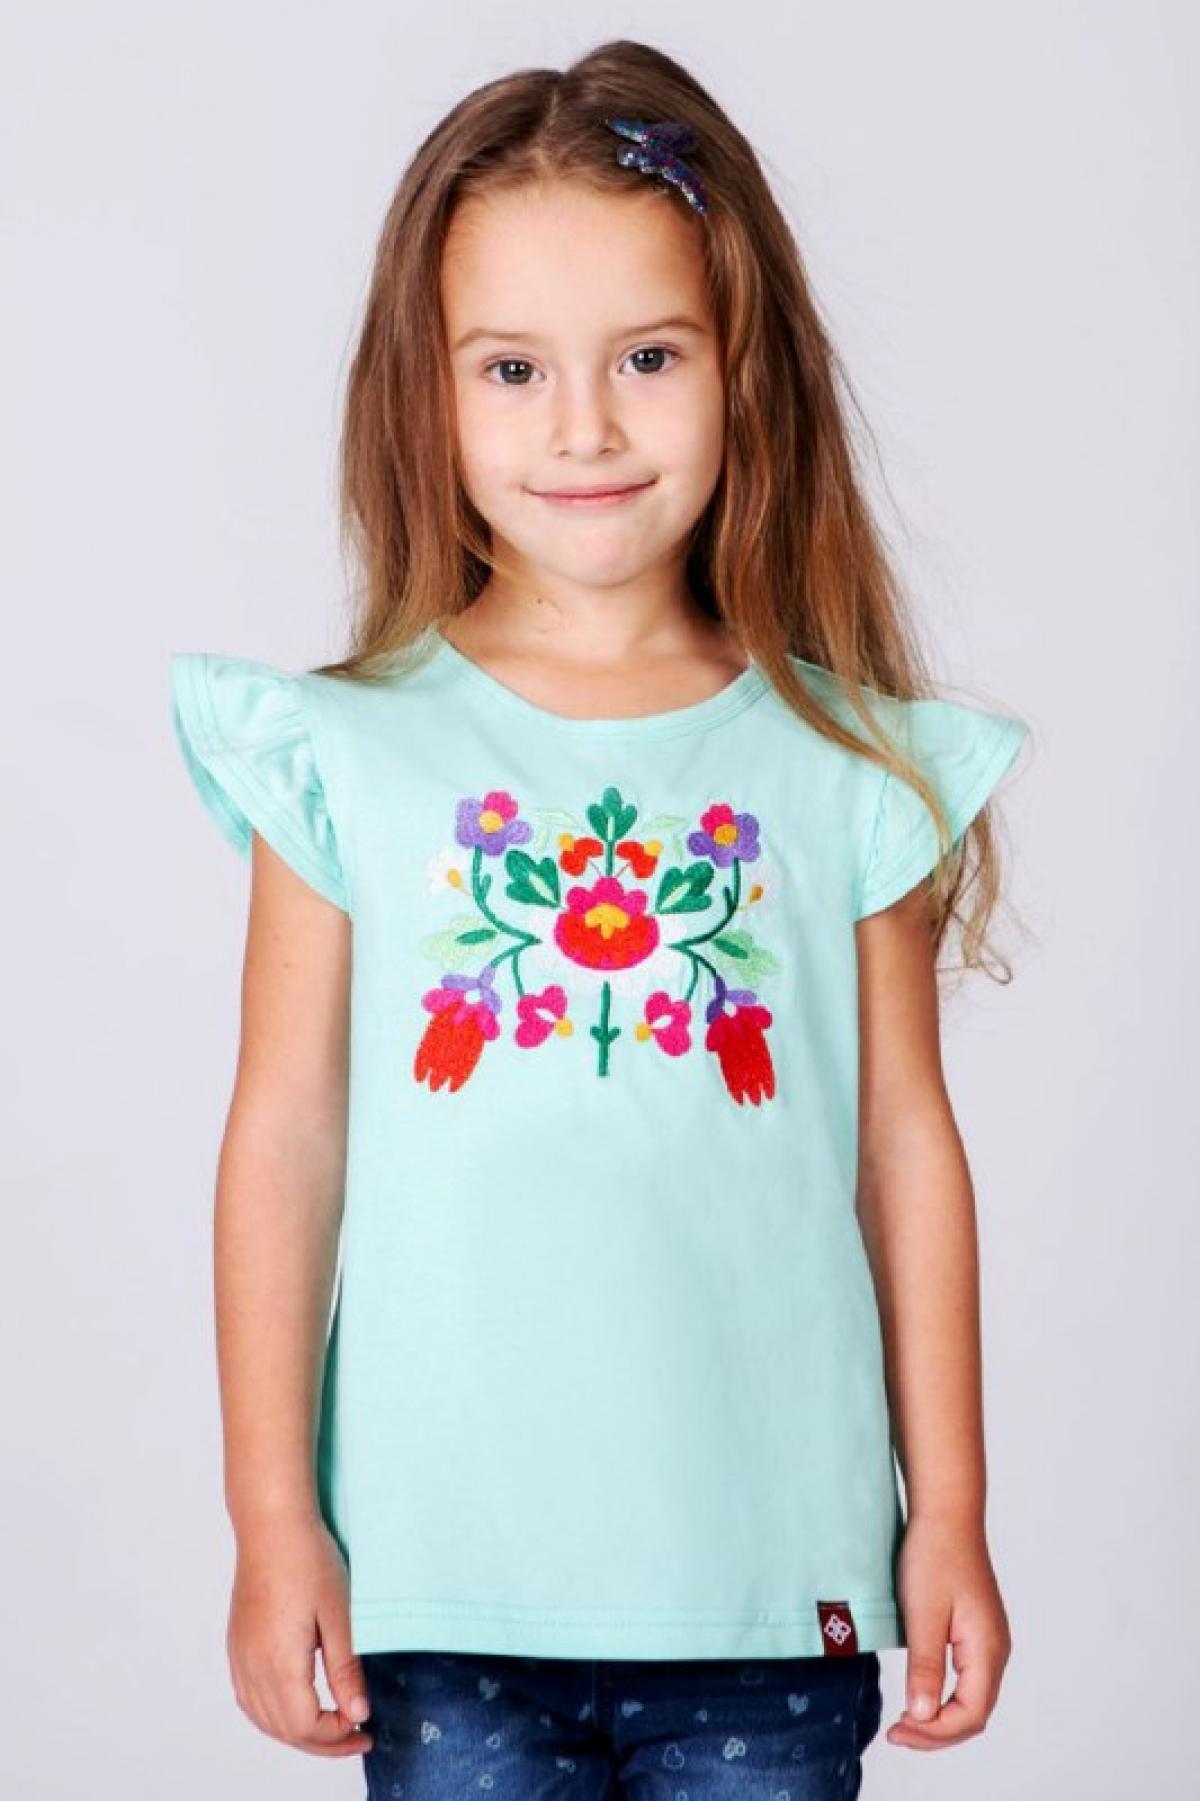 Дитяча вишита футболка для дівчинки. Фото №1. | Народний дім Україна